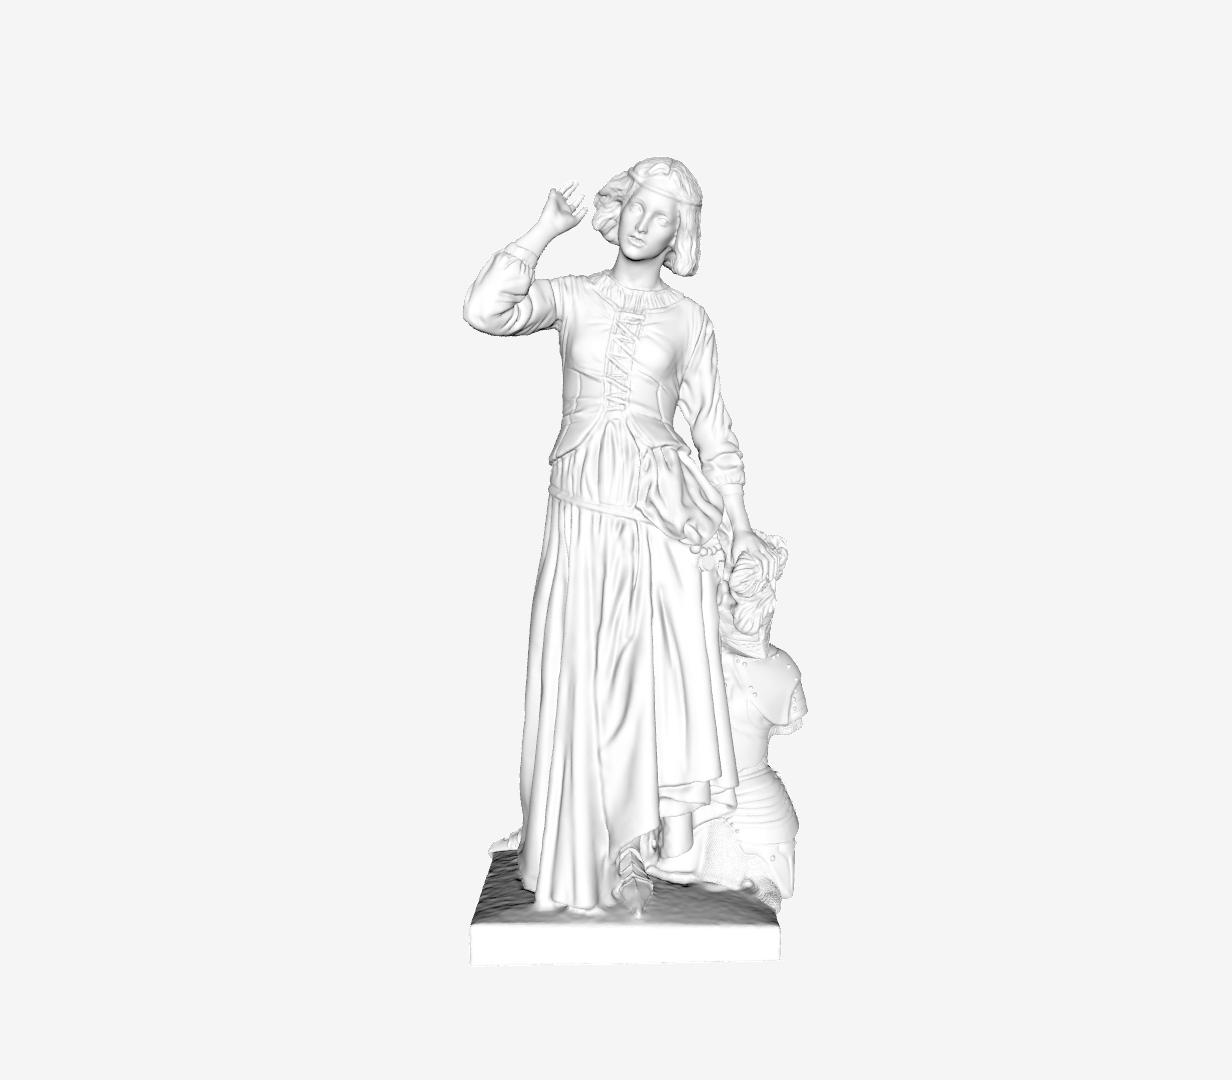 Capture d'écran 2018-09-21 à 13.02.31.png Download free STL file Jeanne d'Arc at The Louvre, Paris • Model to 3D print, Louvre